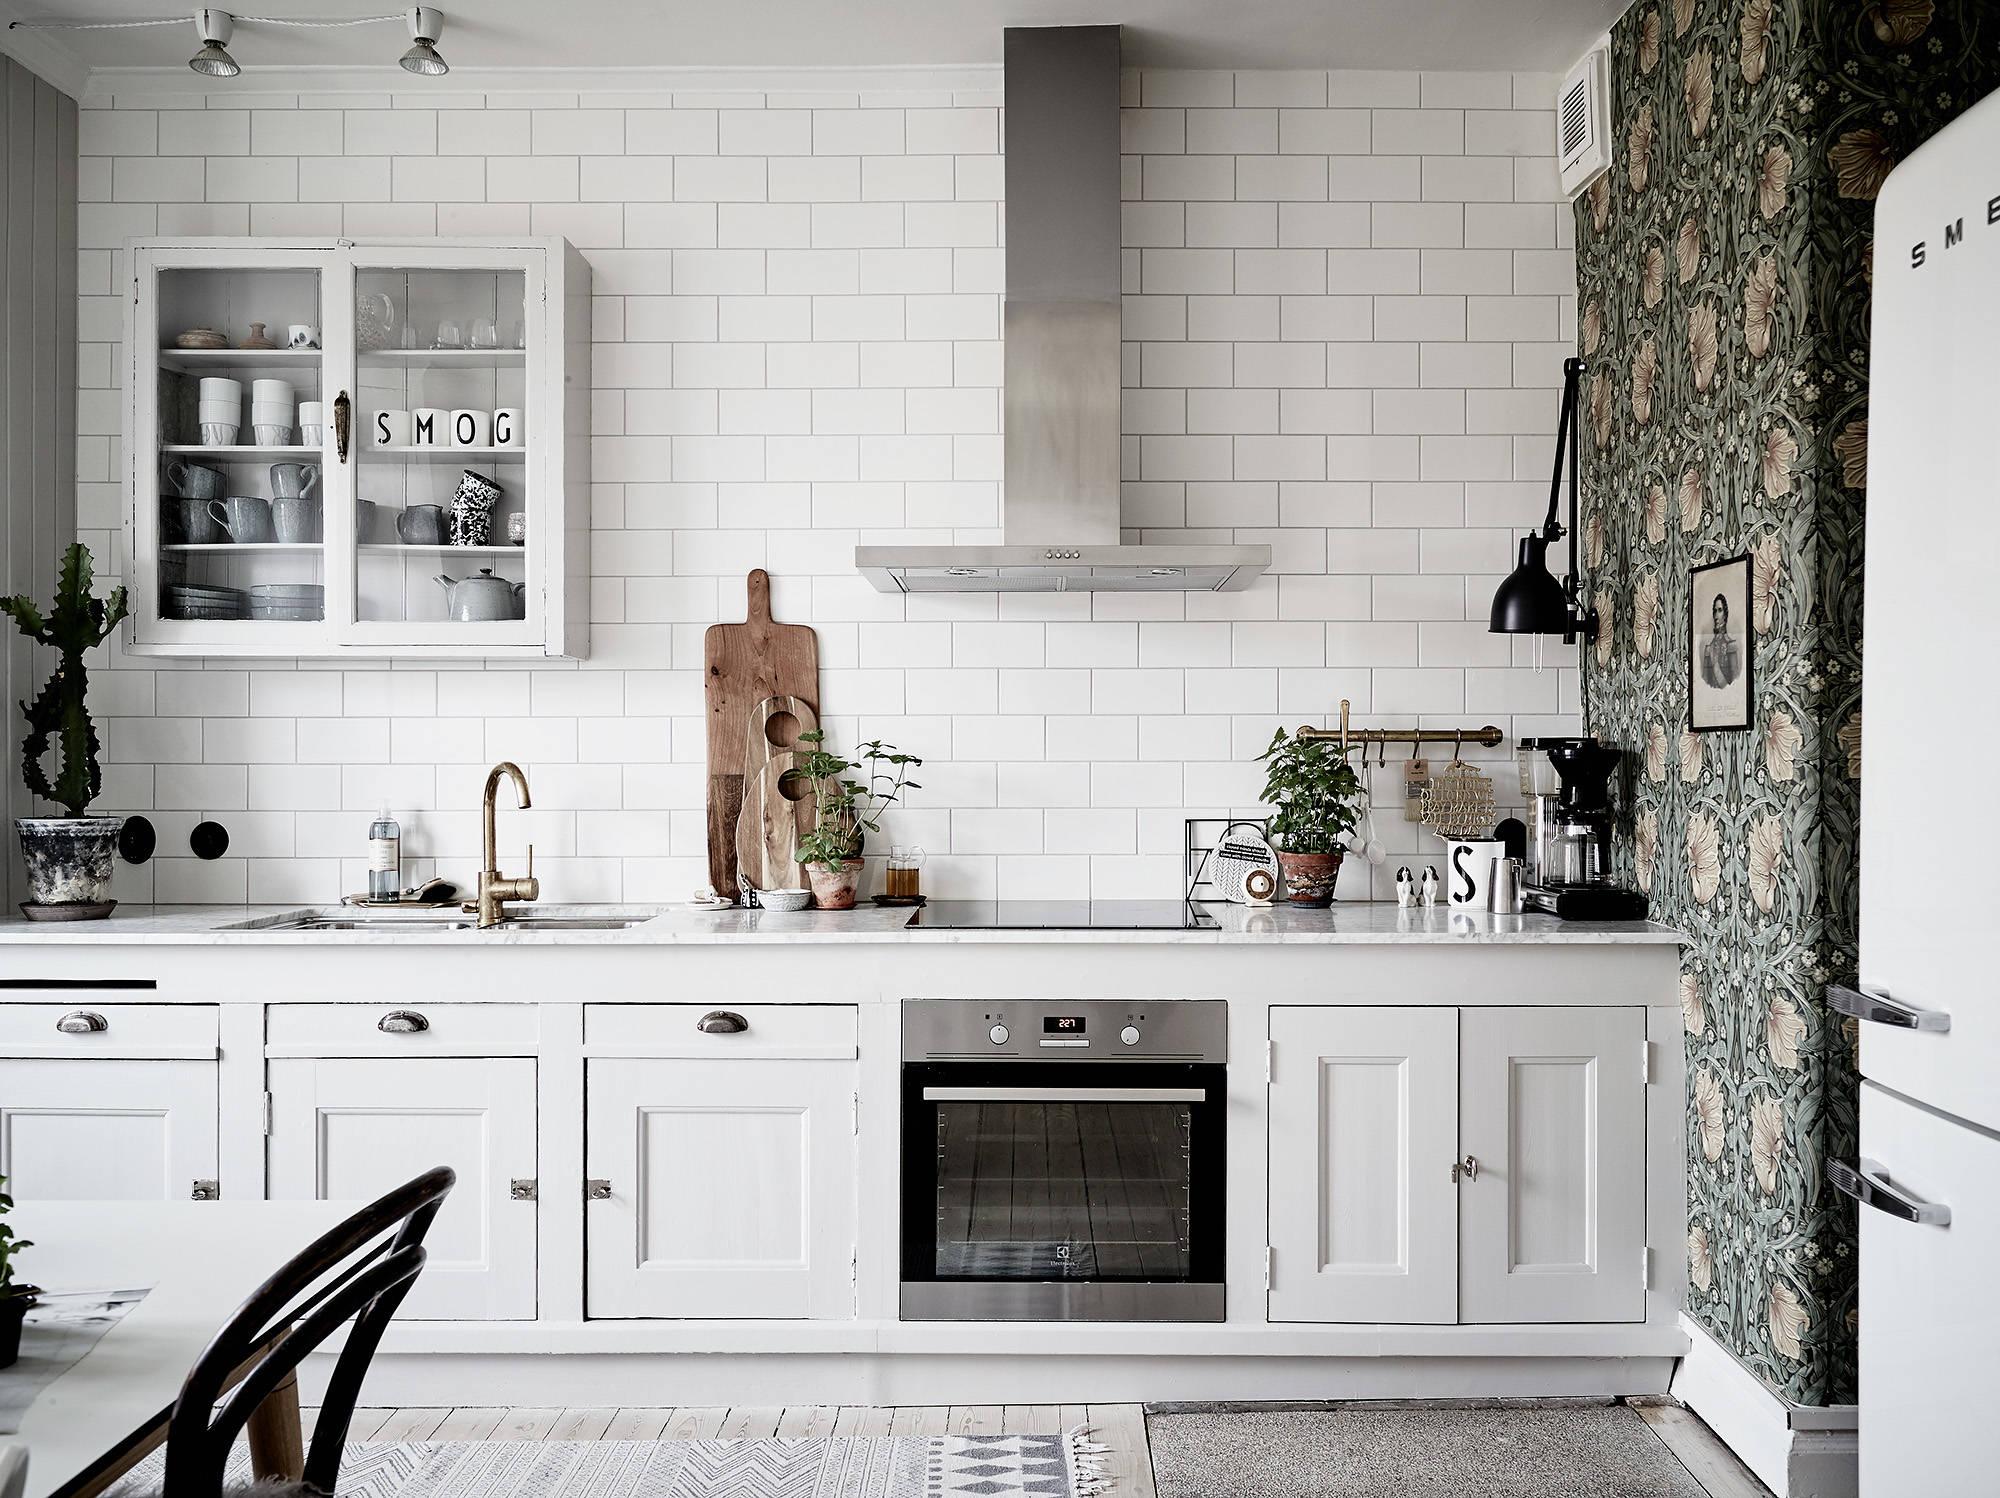 Siiiii al papel pintado en la cocina interiores chic - Papel pintado en cocina ...